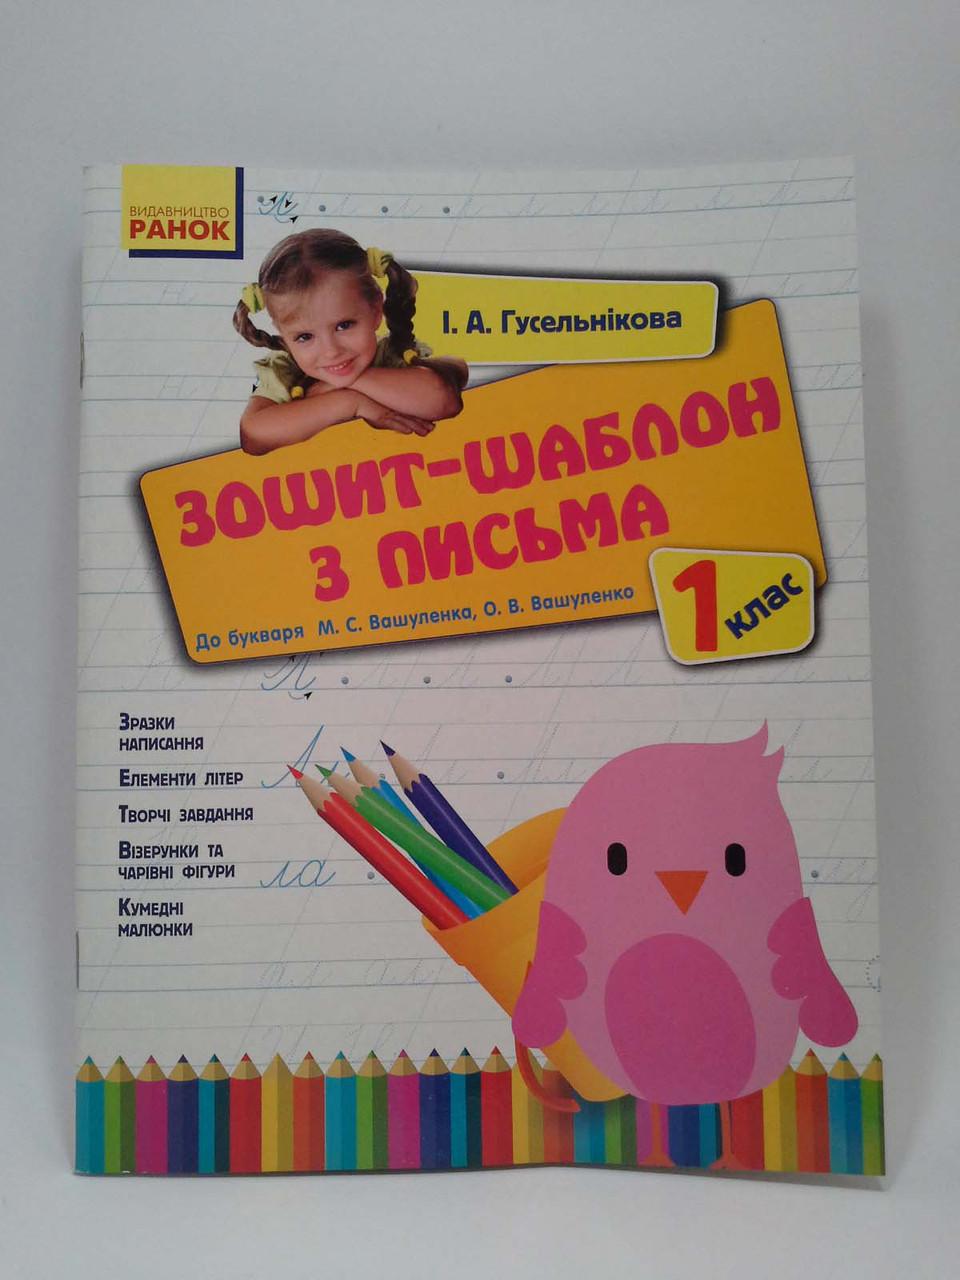 Ранок Робочий зошит Зошит-шаблон з письма 1 клас Гусельнікова До Вашуленко